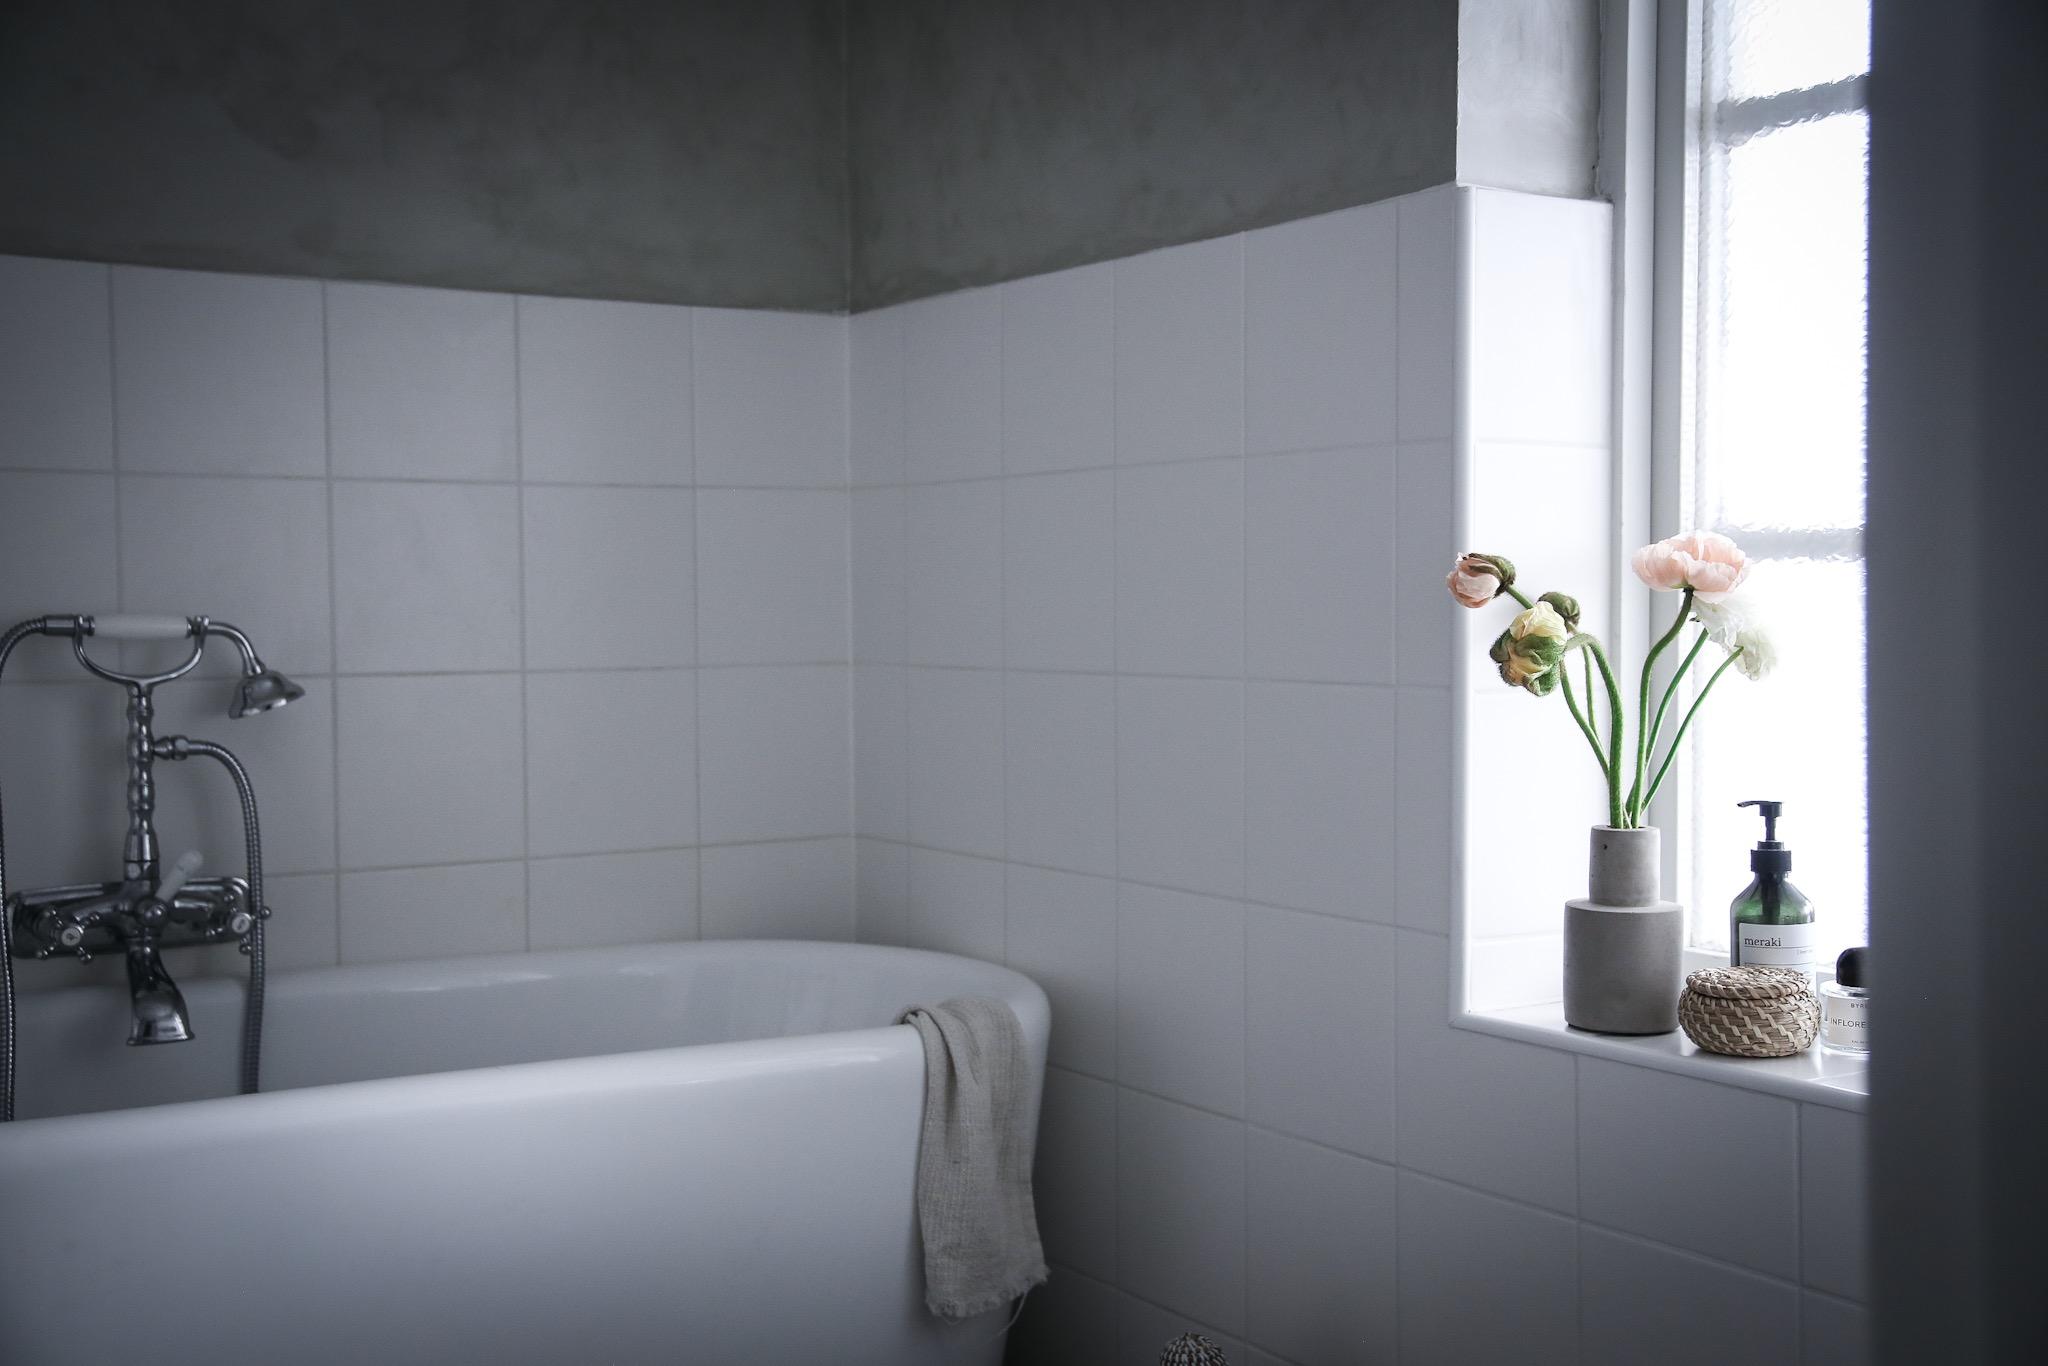 Tips när du ska renovera badrummet - Lovely Life - Lovely Life